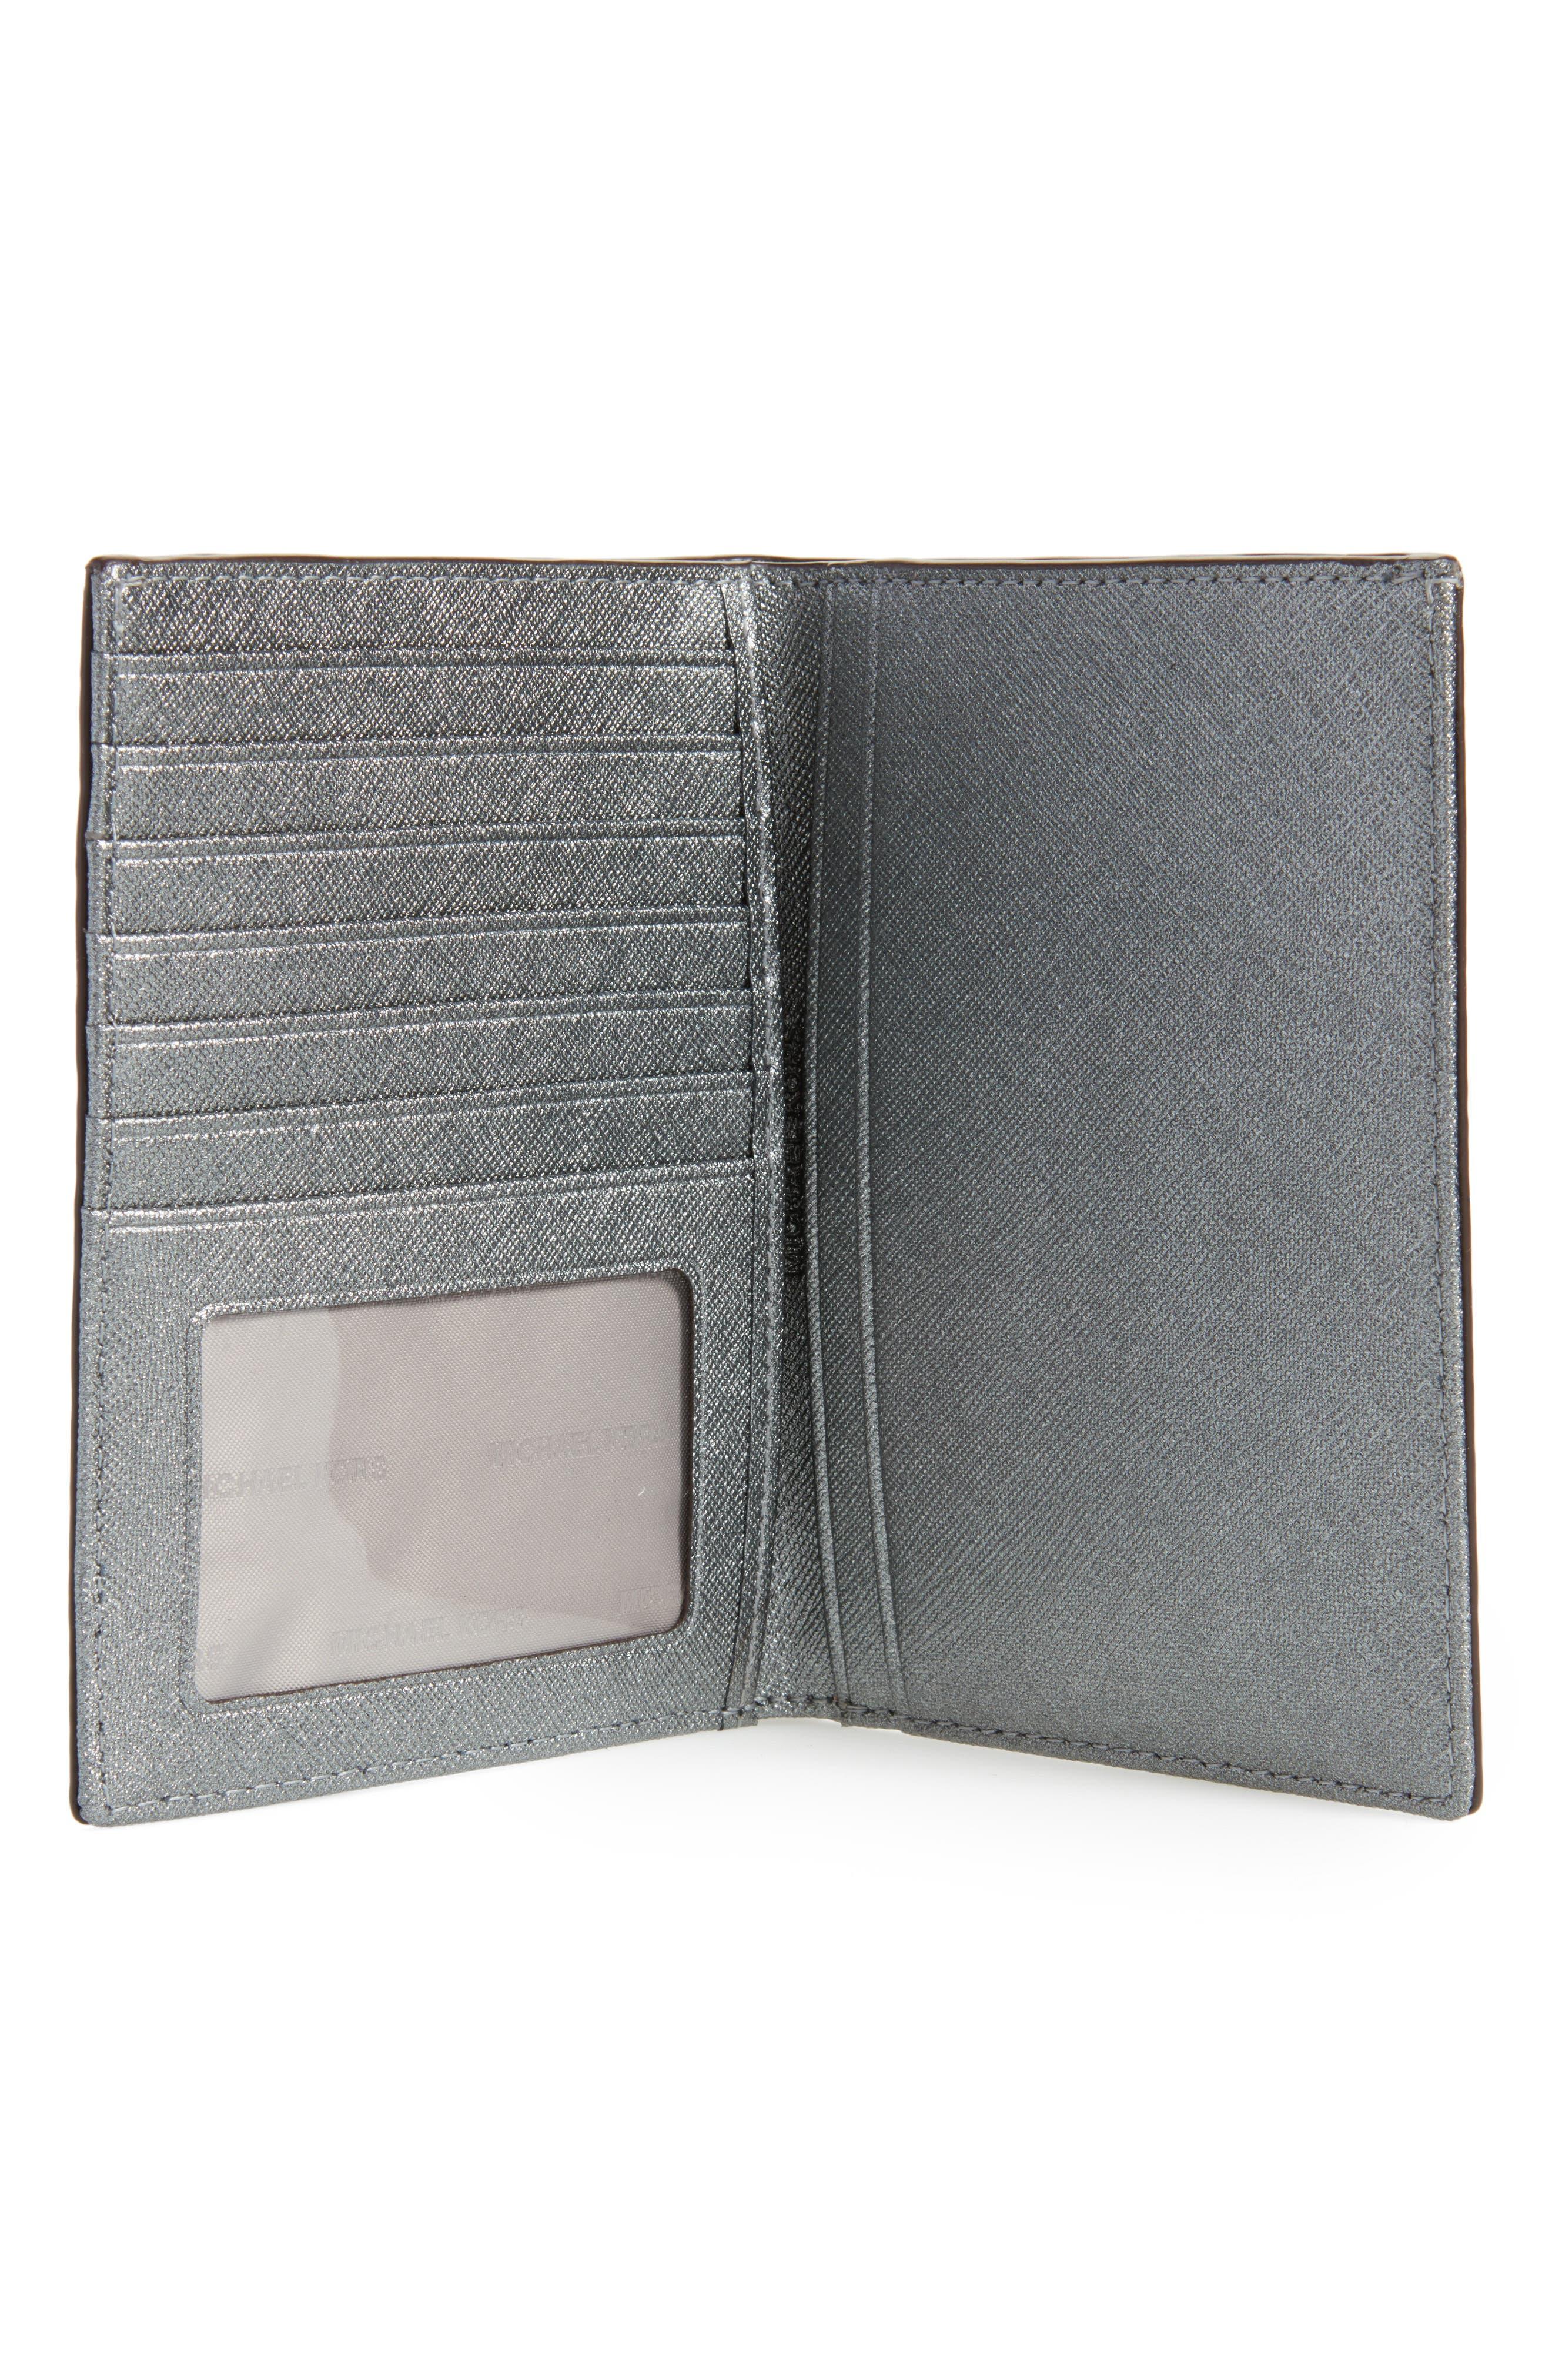 Money Pieces Leather Passport Wallet,                             Alternate thumbnail 3, color,